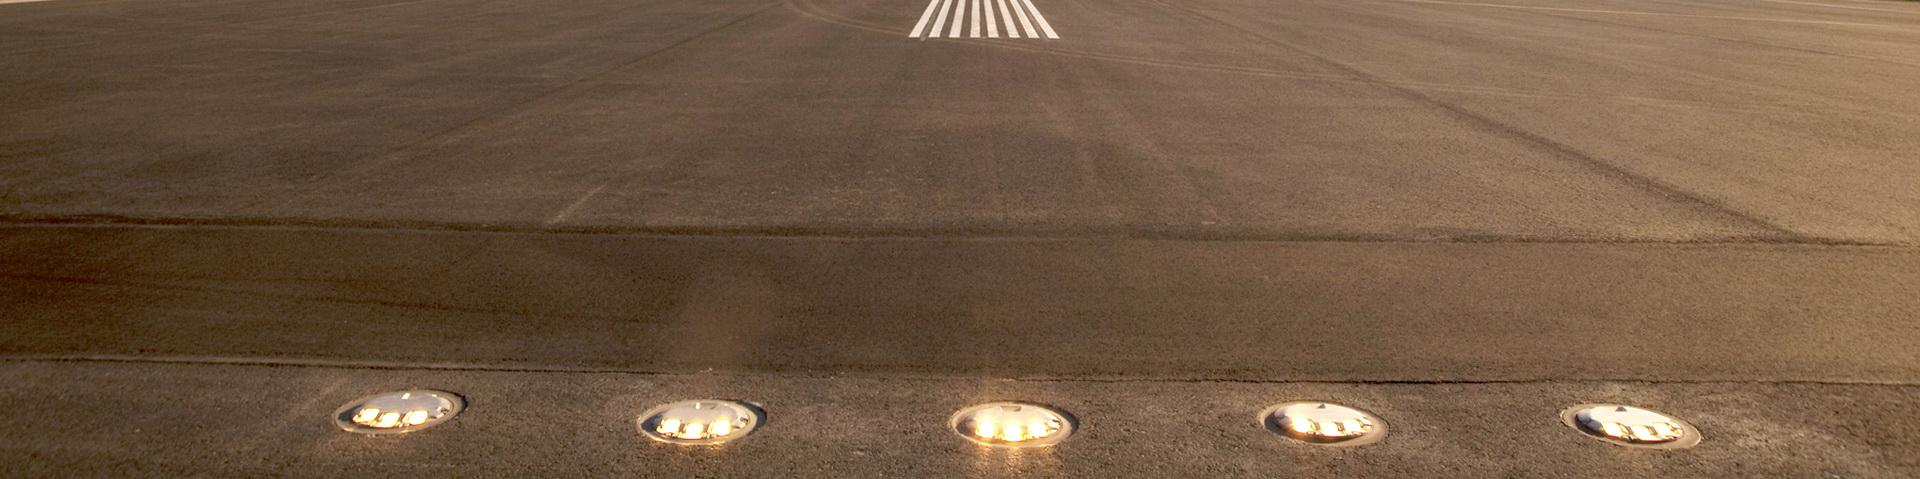 banner_nananimo_airport